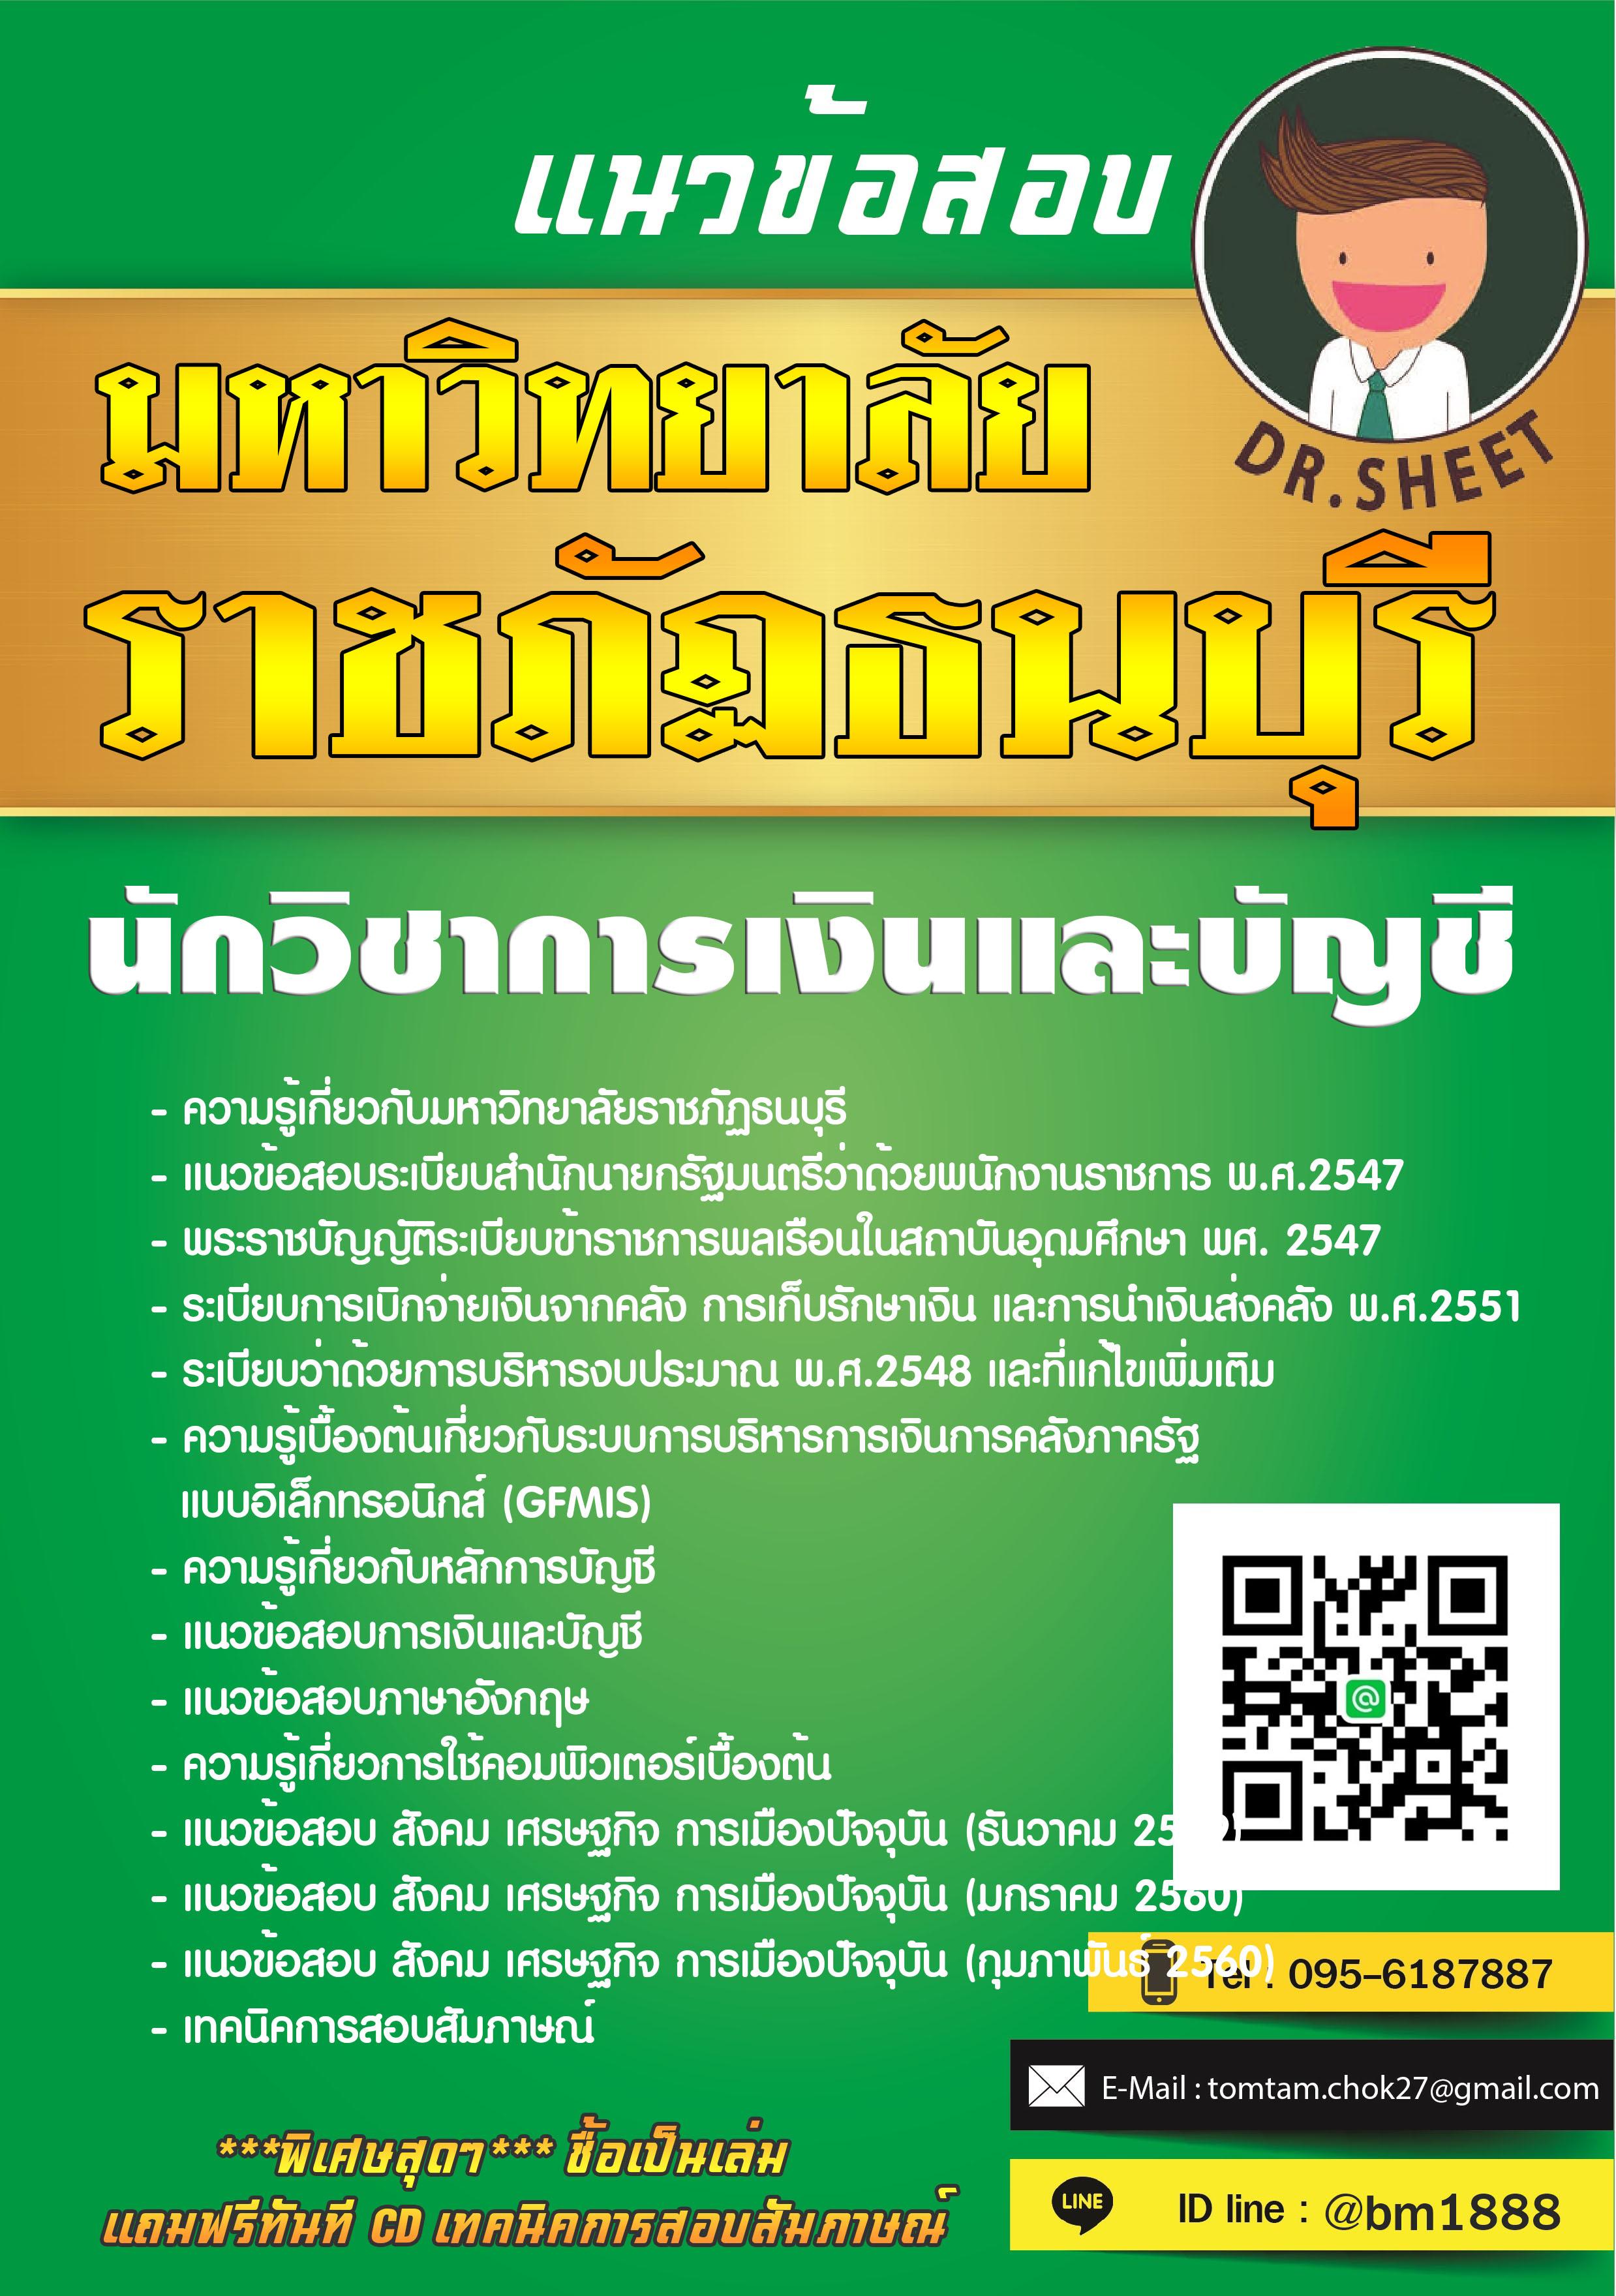 แนวข้อสอบ นักวิชาการเงินและบัญชี มหาวิทยาลัยราชภัฏธนบุรี